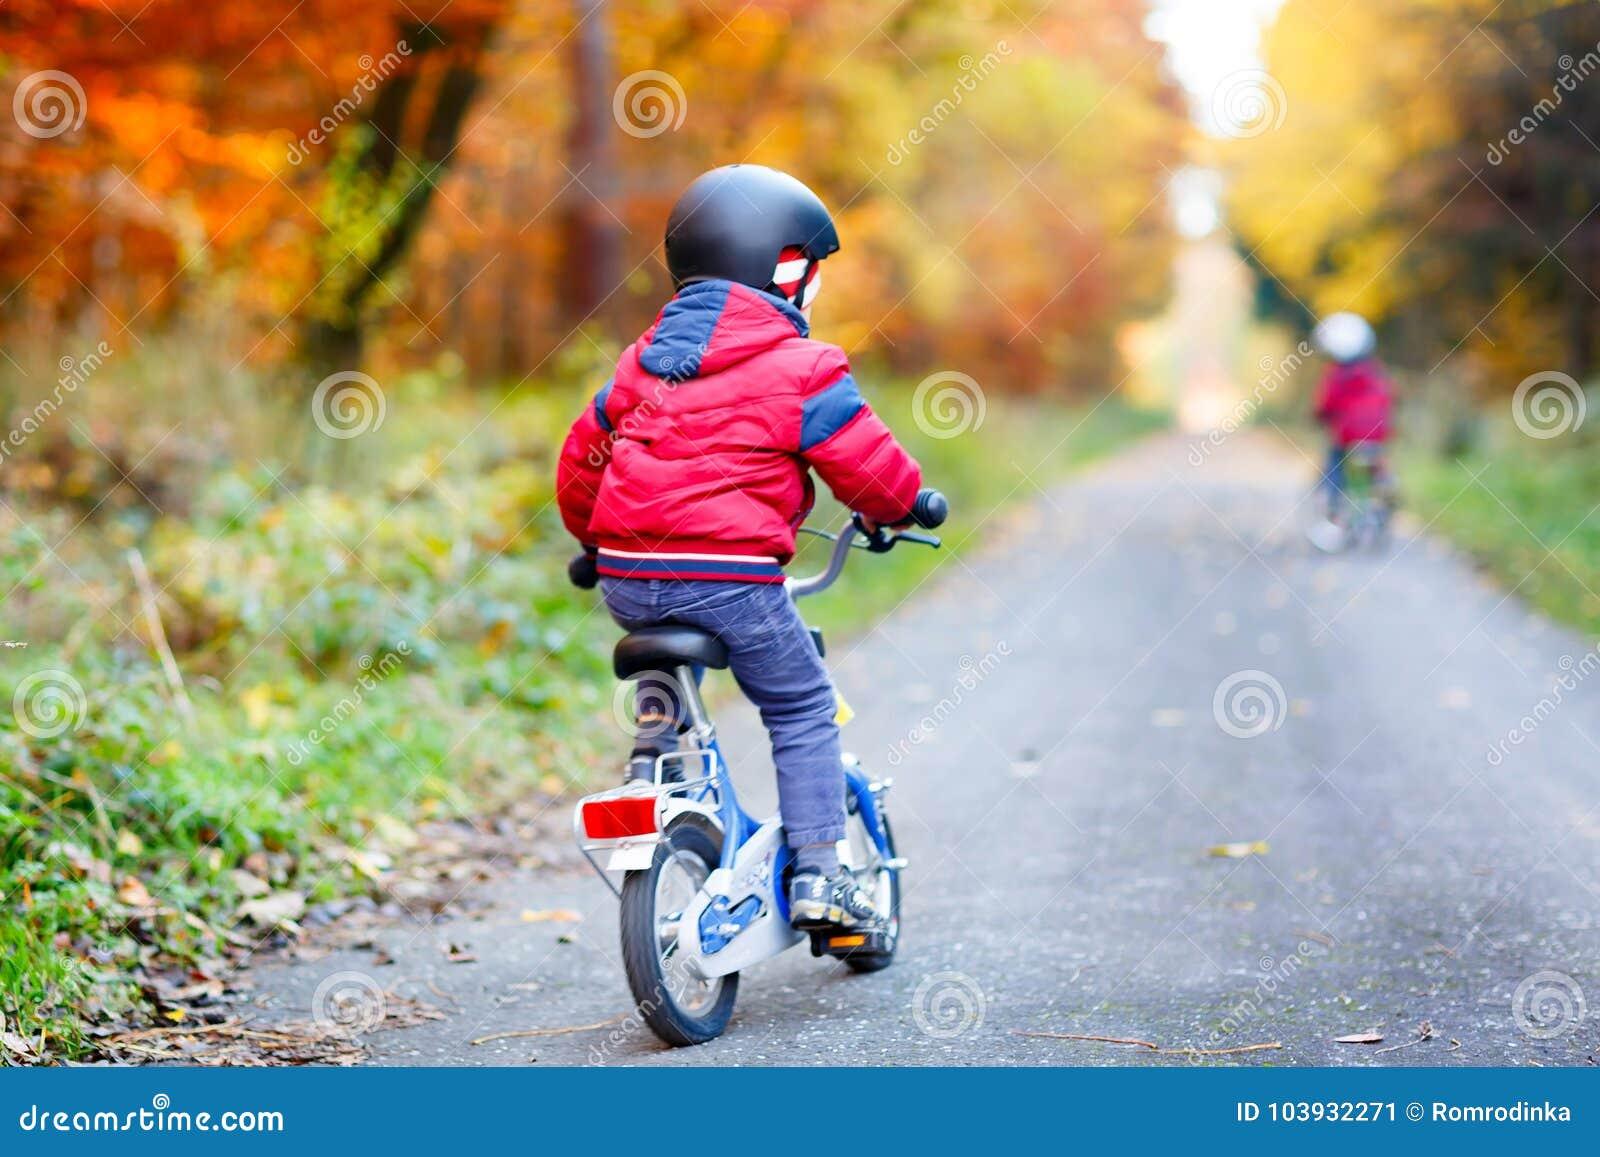 Två pojkar för liten unge som cyklar med cyklar i hösten Forest Park i färgrik kläder